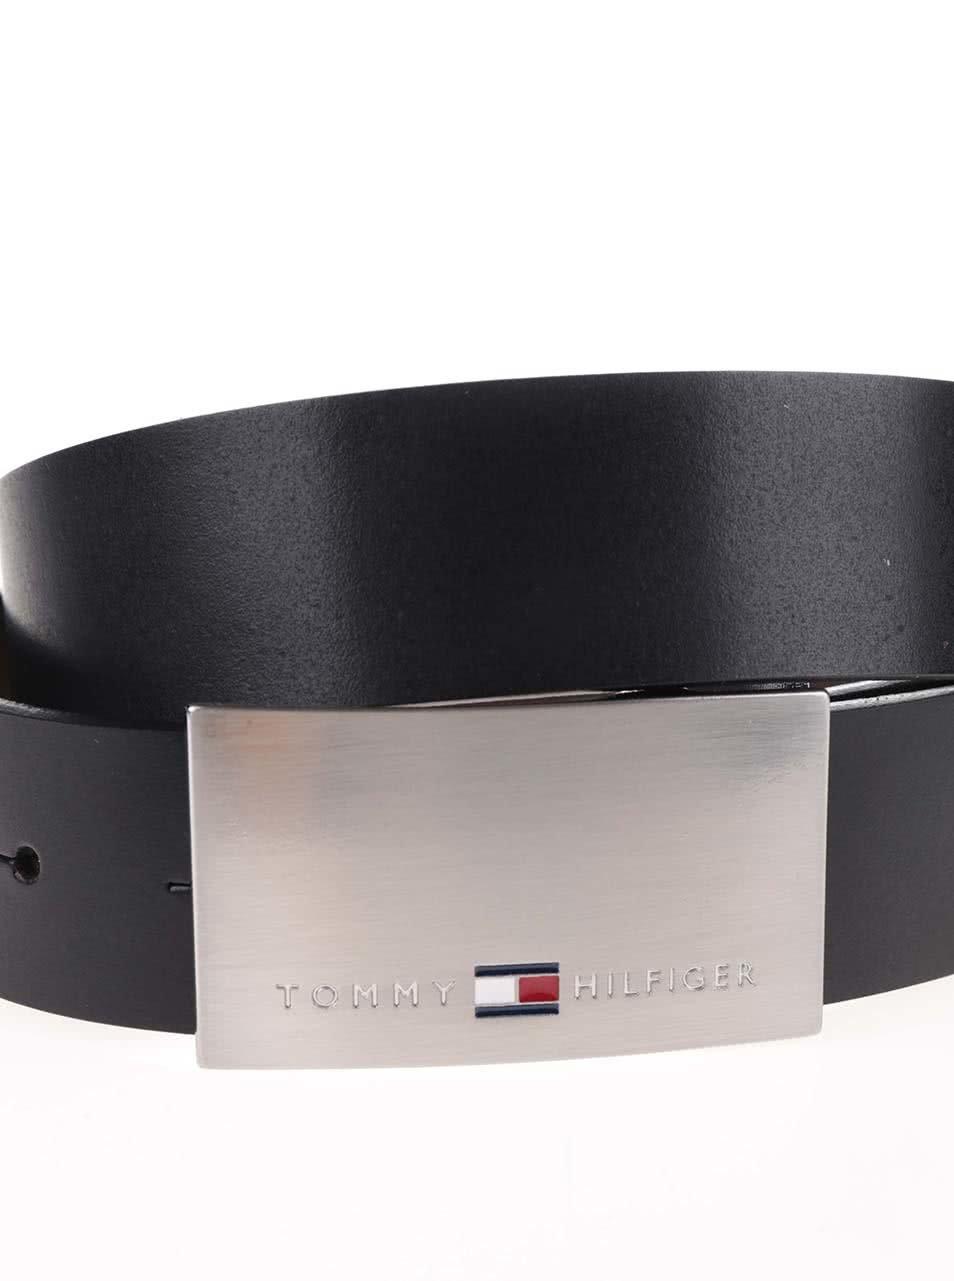 e9d6d635eca Černohnědý pánský kožený pásek s vyměnitelnými sponami Tommy Hilfiger ...